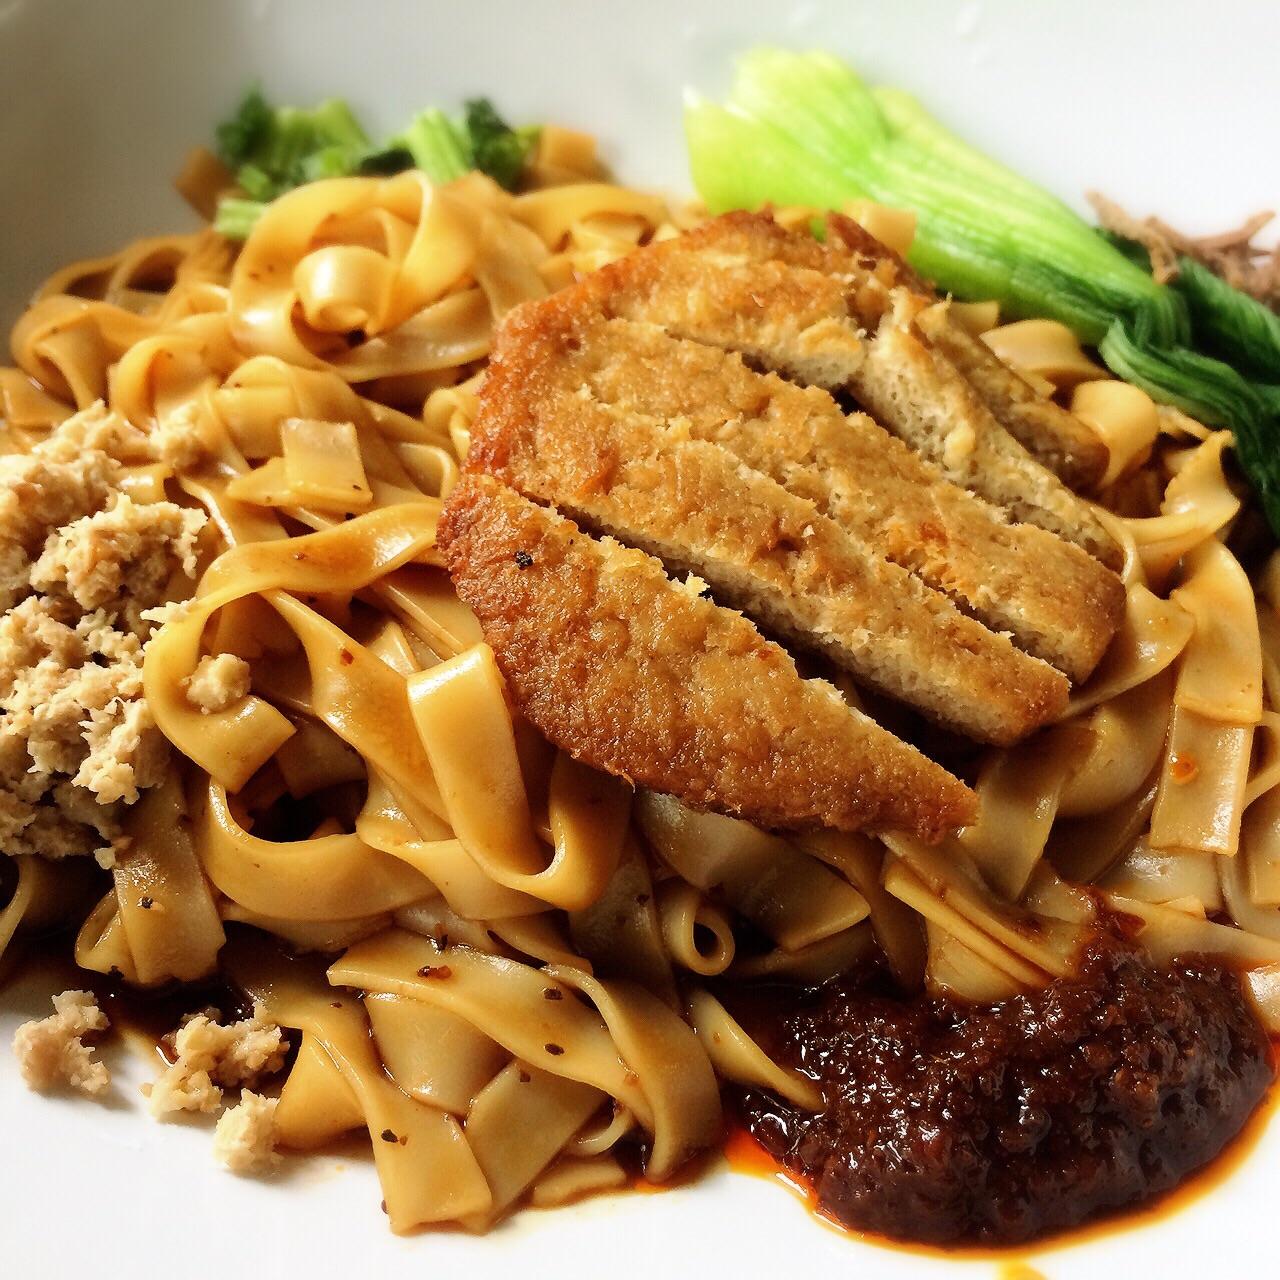 卡拉皇帝面 Cutlet Royal Noodle Delight  $4.50